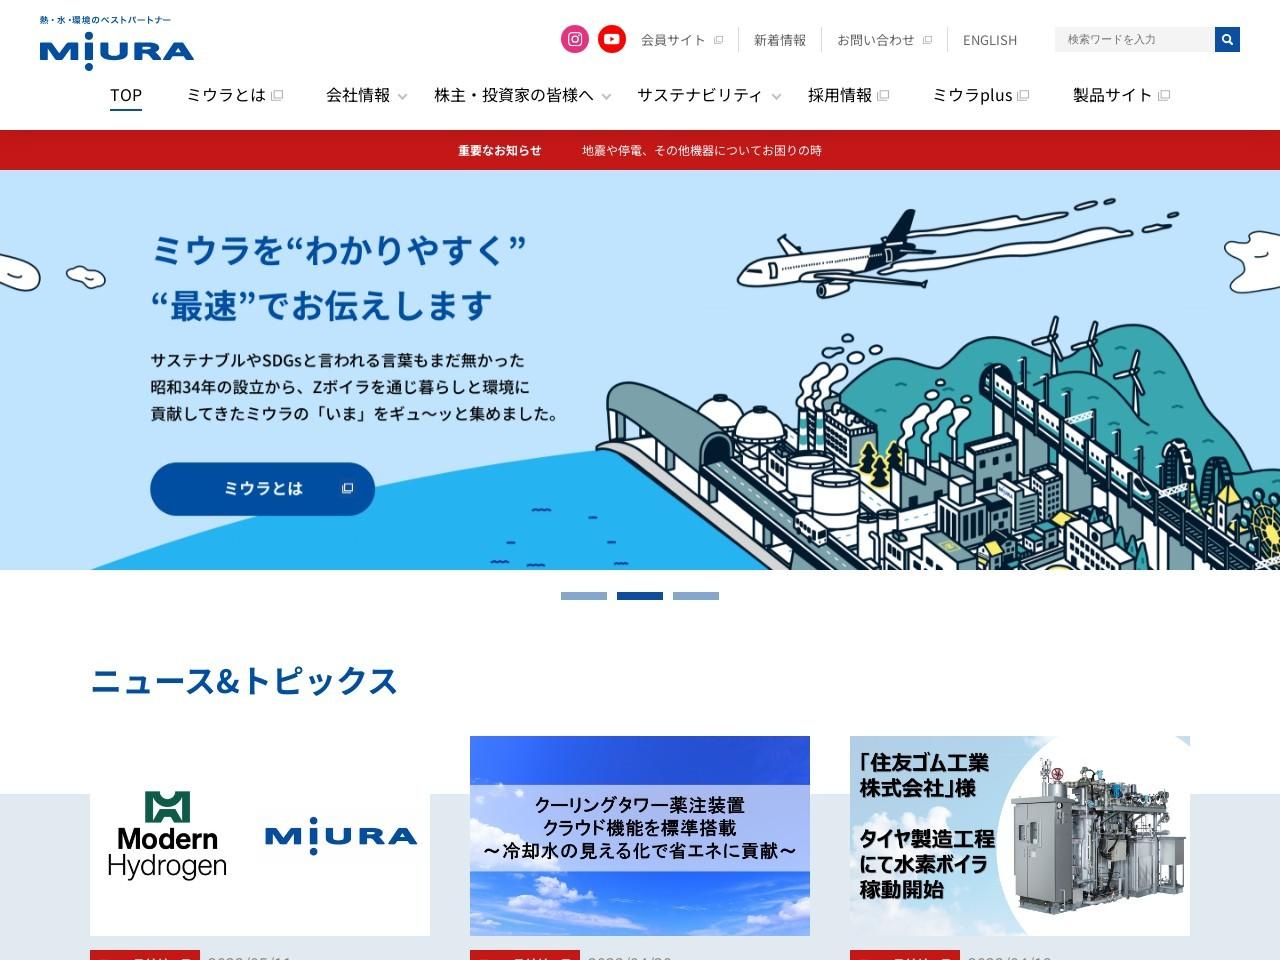 三浦工業株式会社三河支店